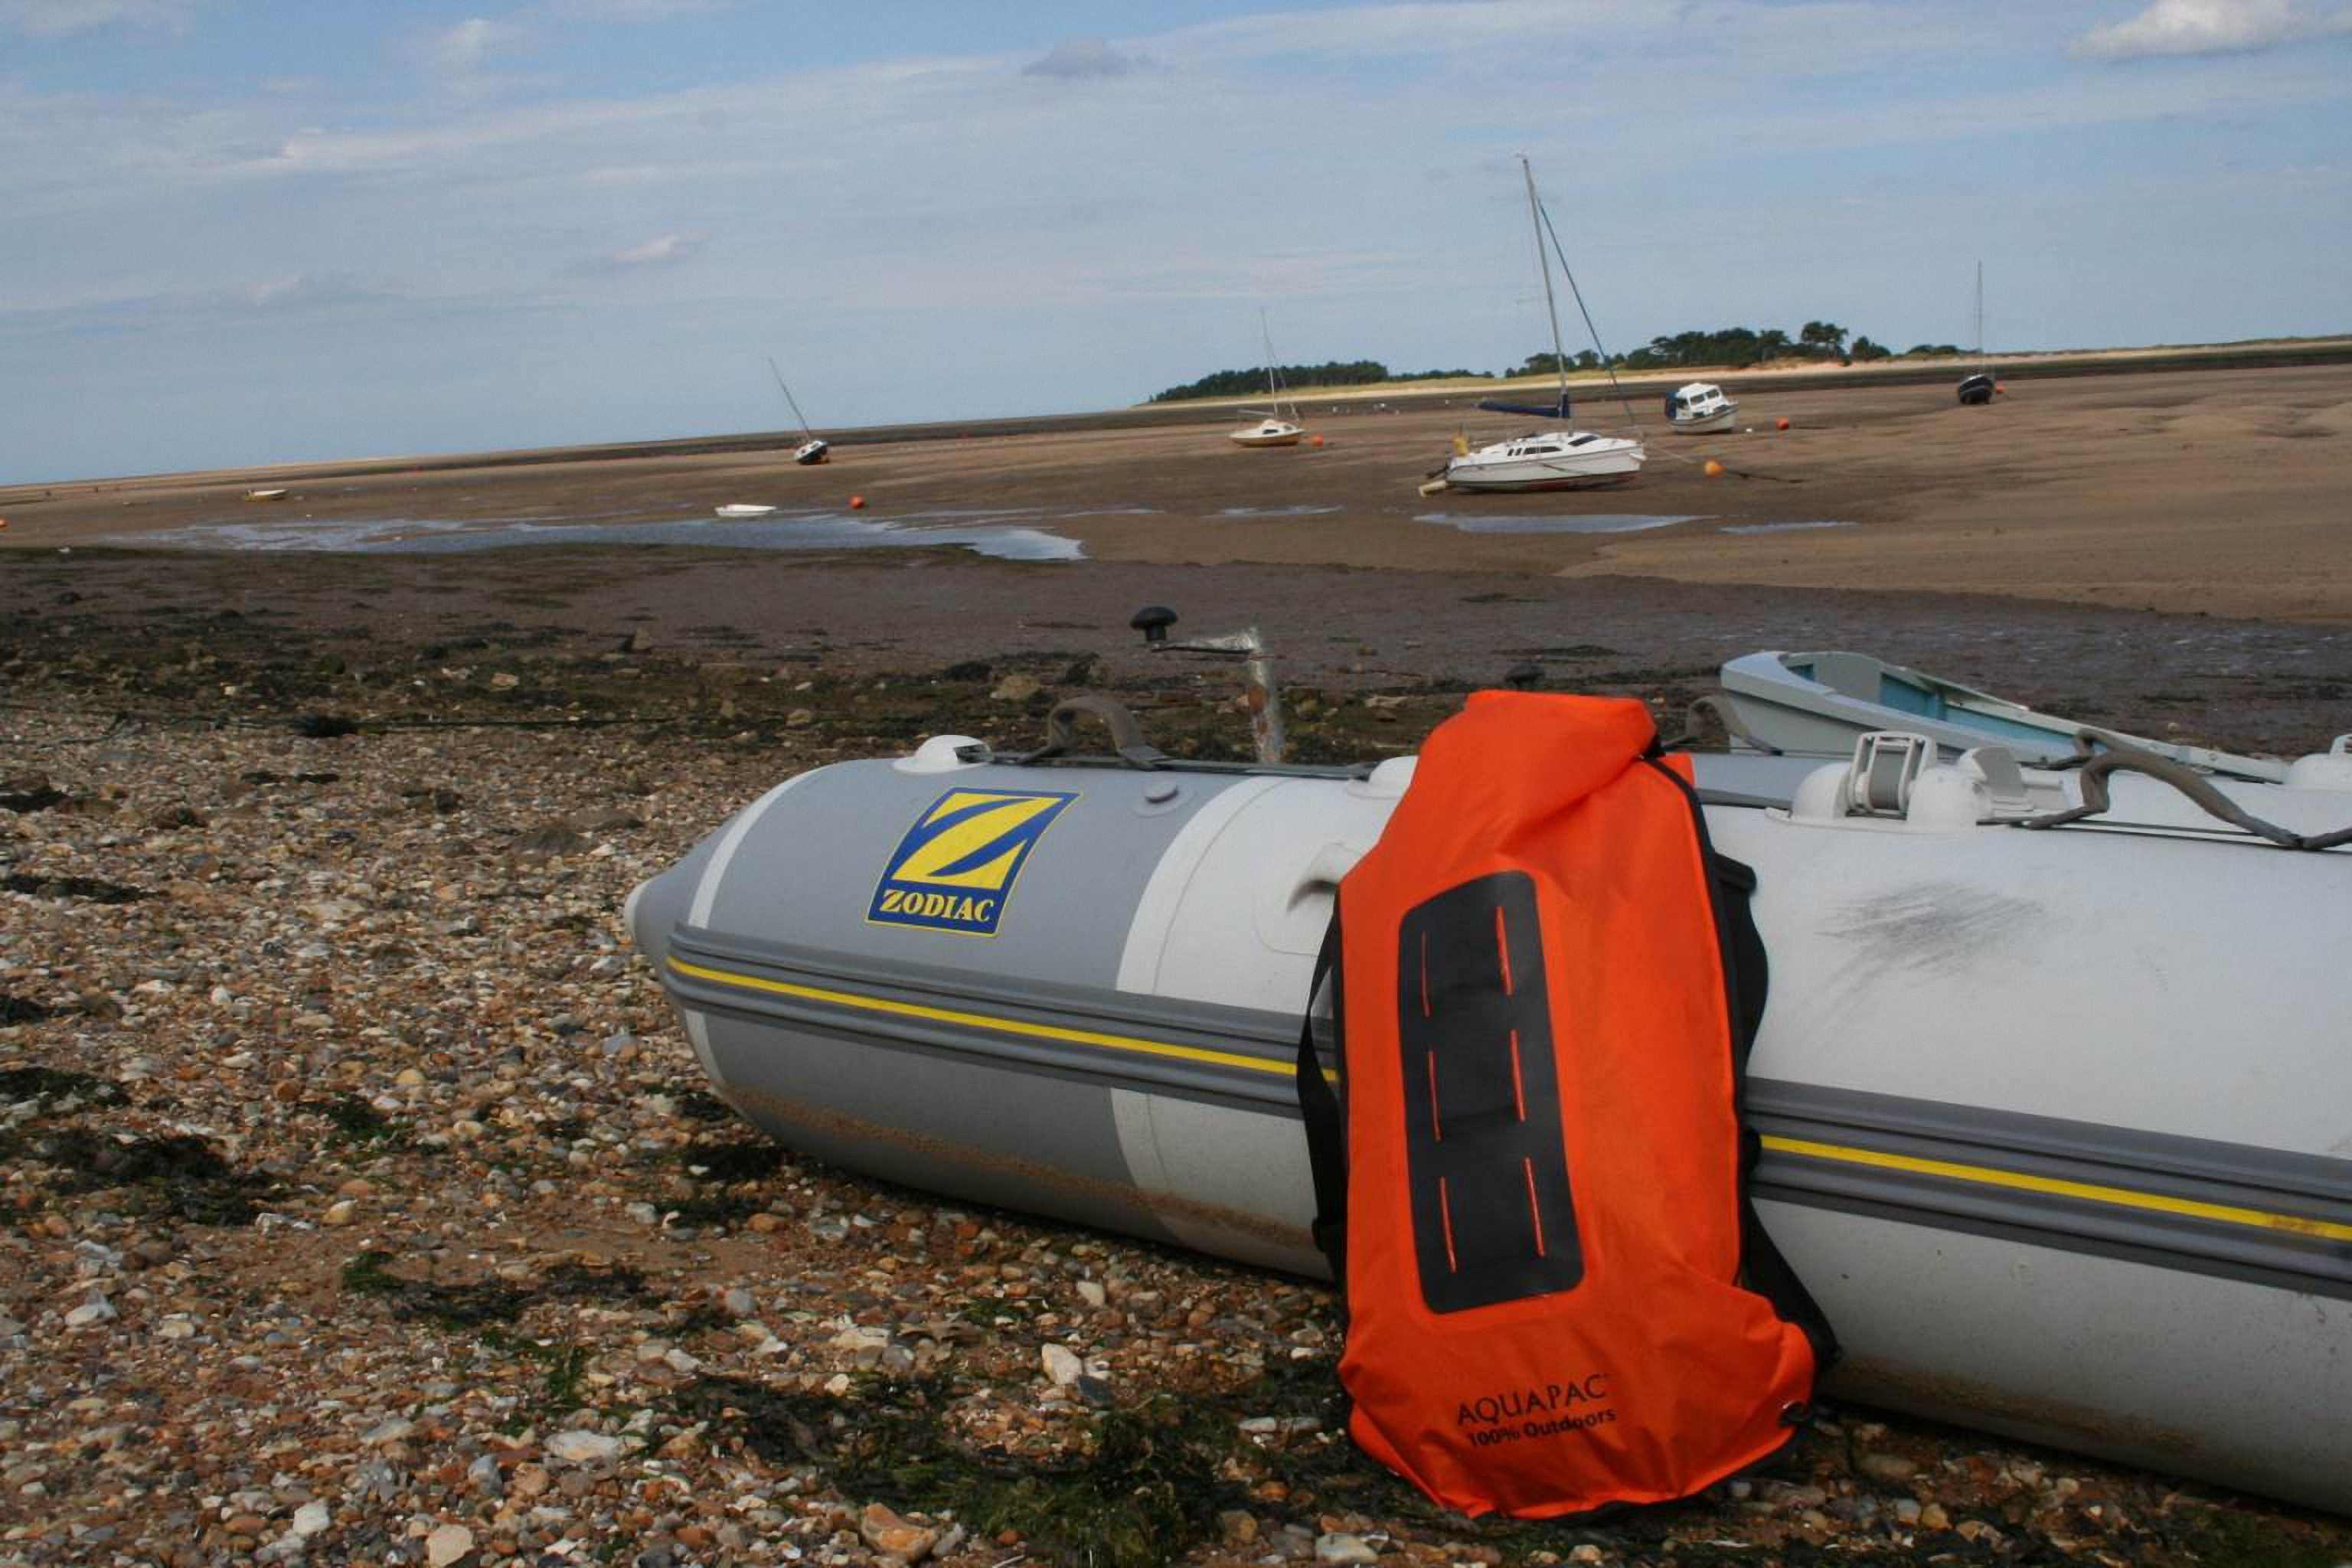 Водонепроницаемый  гермомешок-рюкзак (с двумя плечевыми ремнями) Aquapac 761 - Noatak Wet & Drybag - 15L.. Aquapac - №1 в мире водонепроницаемых чехлов и сумок. Фото 10